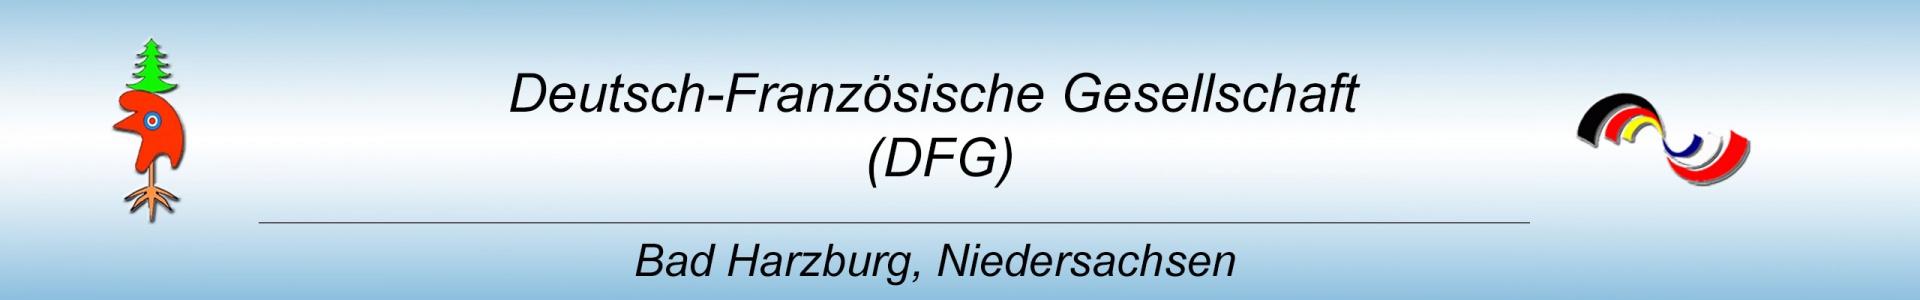 Deutsch-Französische Gesellschaft (Home)